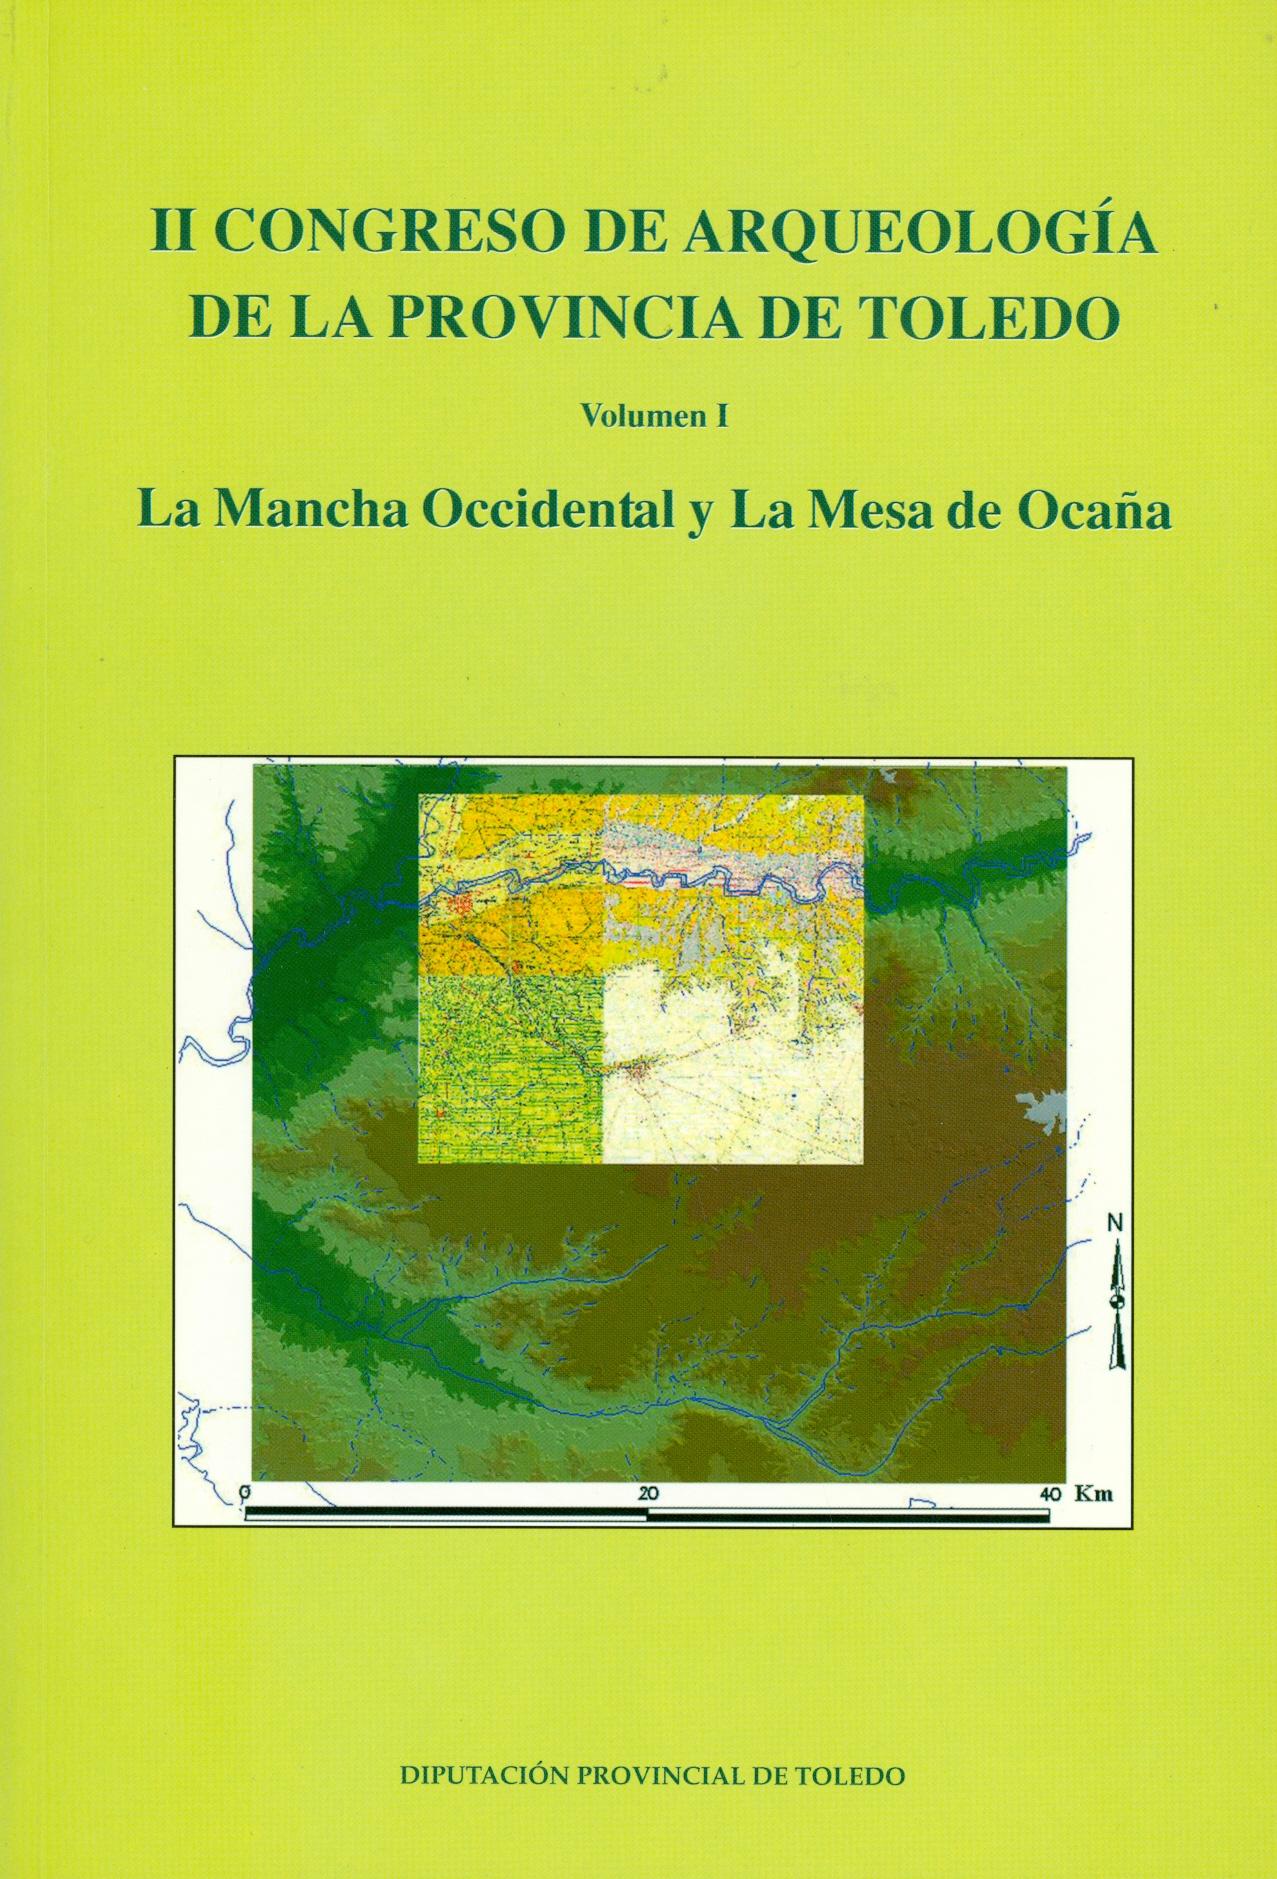 Actas del II Congreso de Arqueología de la provincia de Toledo. La Mancha occidental y la Mesa de Ocaña